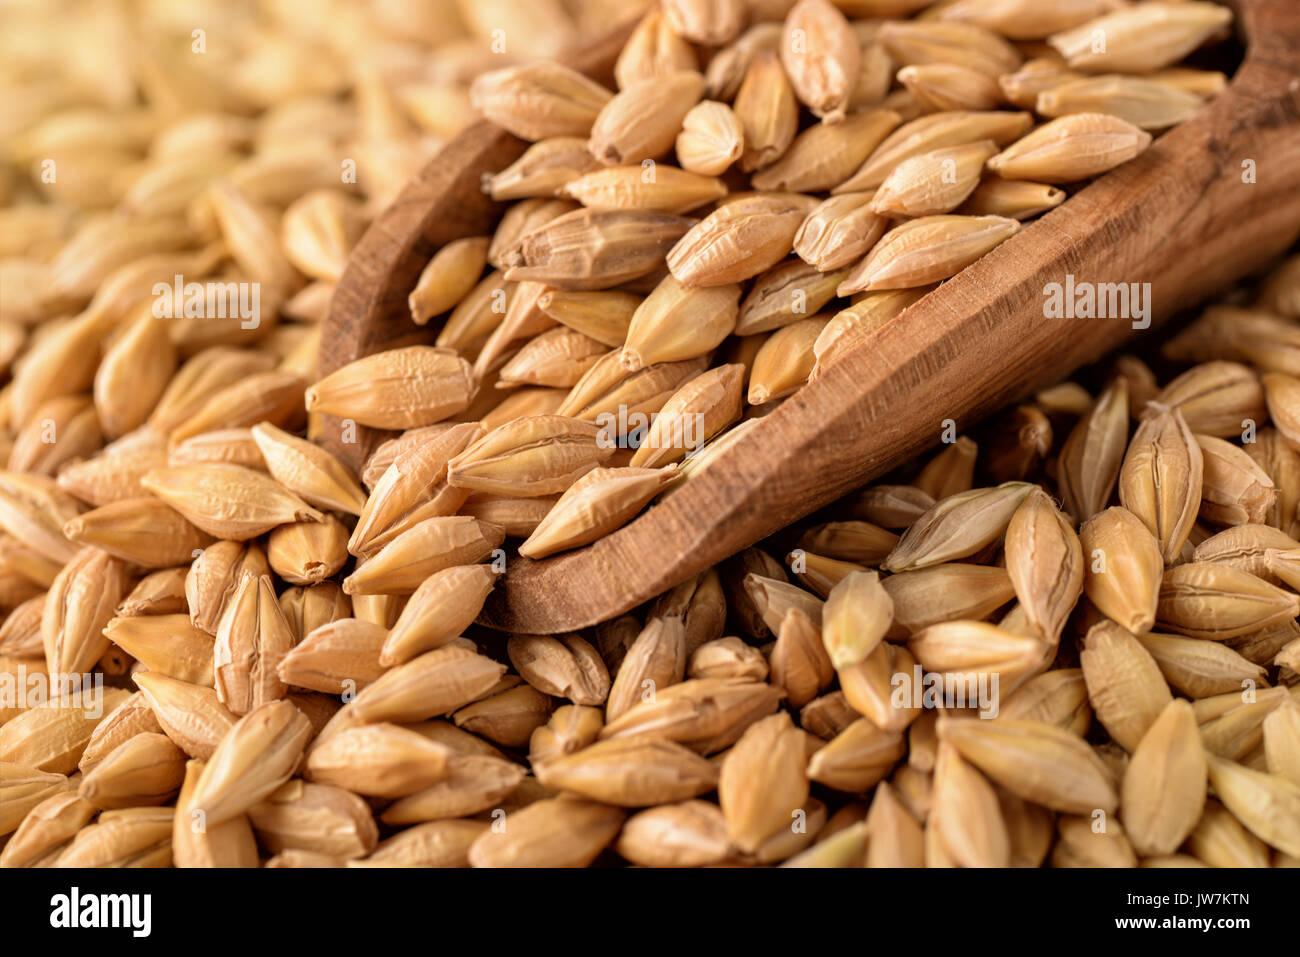 Close up of barley grains - Stock Image